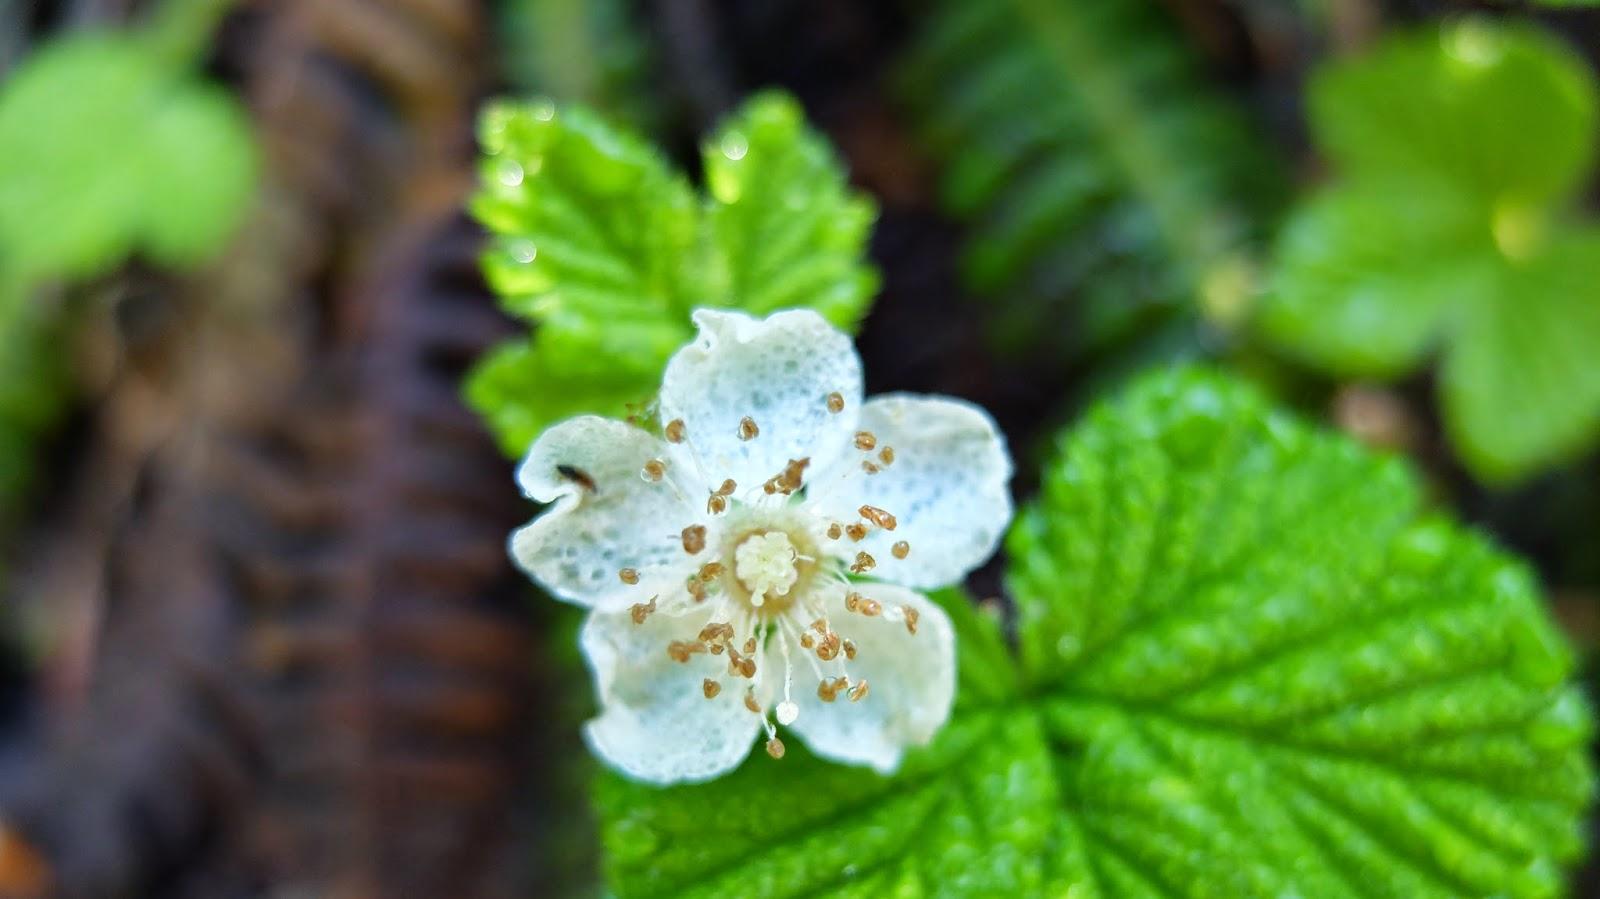 Rubus lasiococcus (Dwarf Bramble)